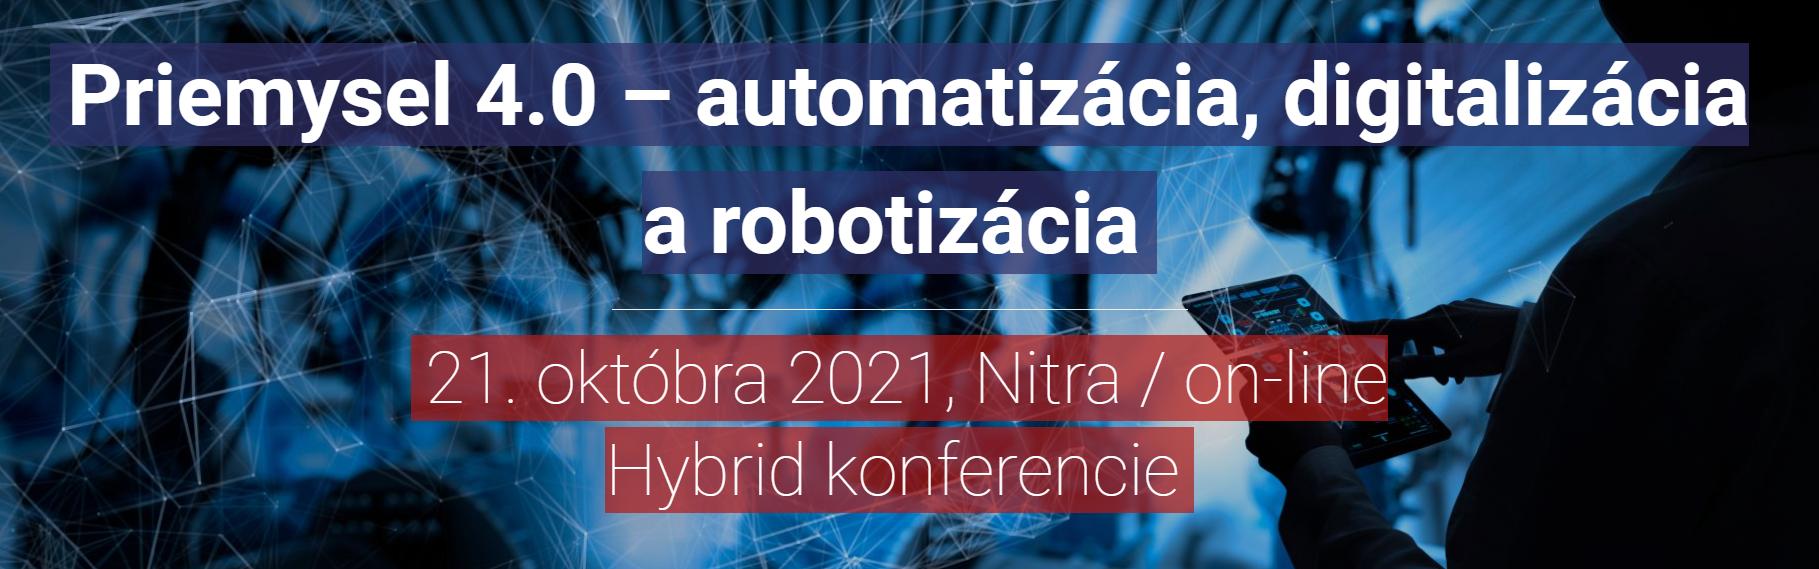 konferencia priemysel 4.0